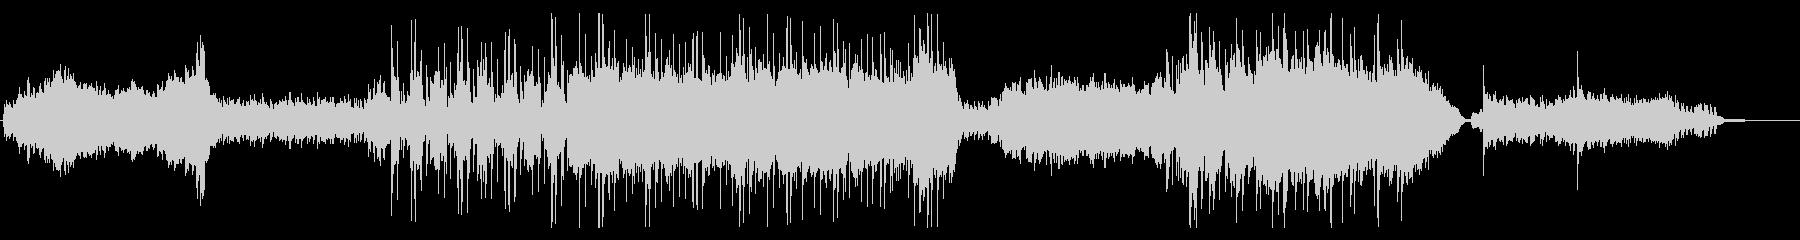 【オーケストラ】切ない気持ちから前向きにの未再生の波形